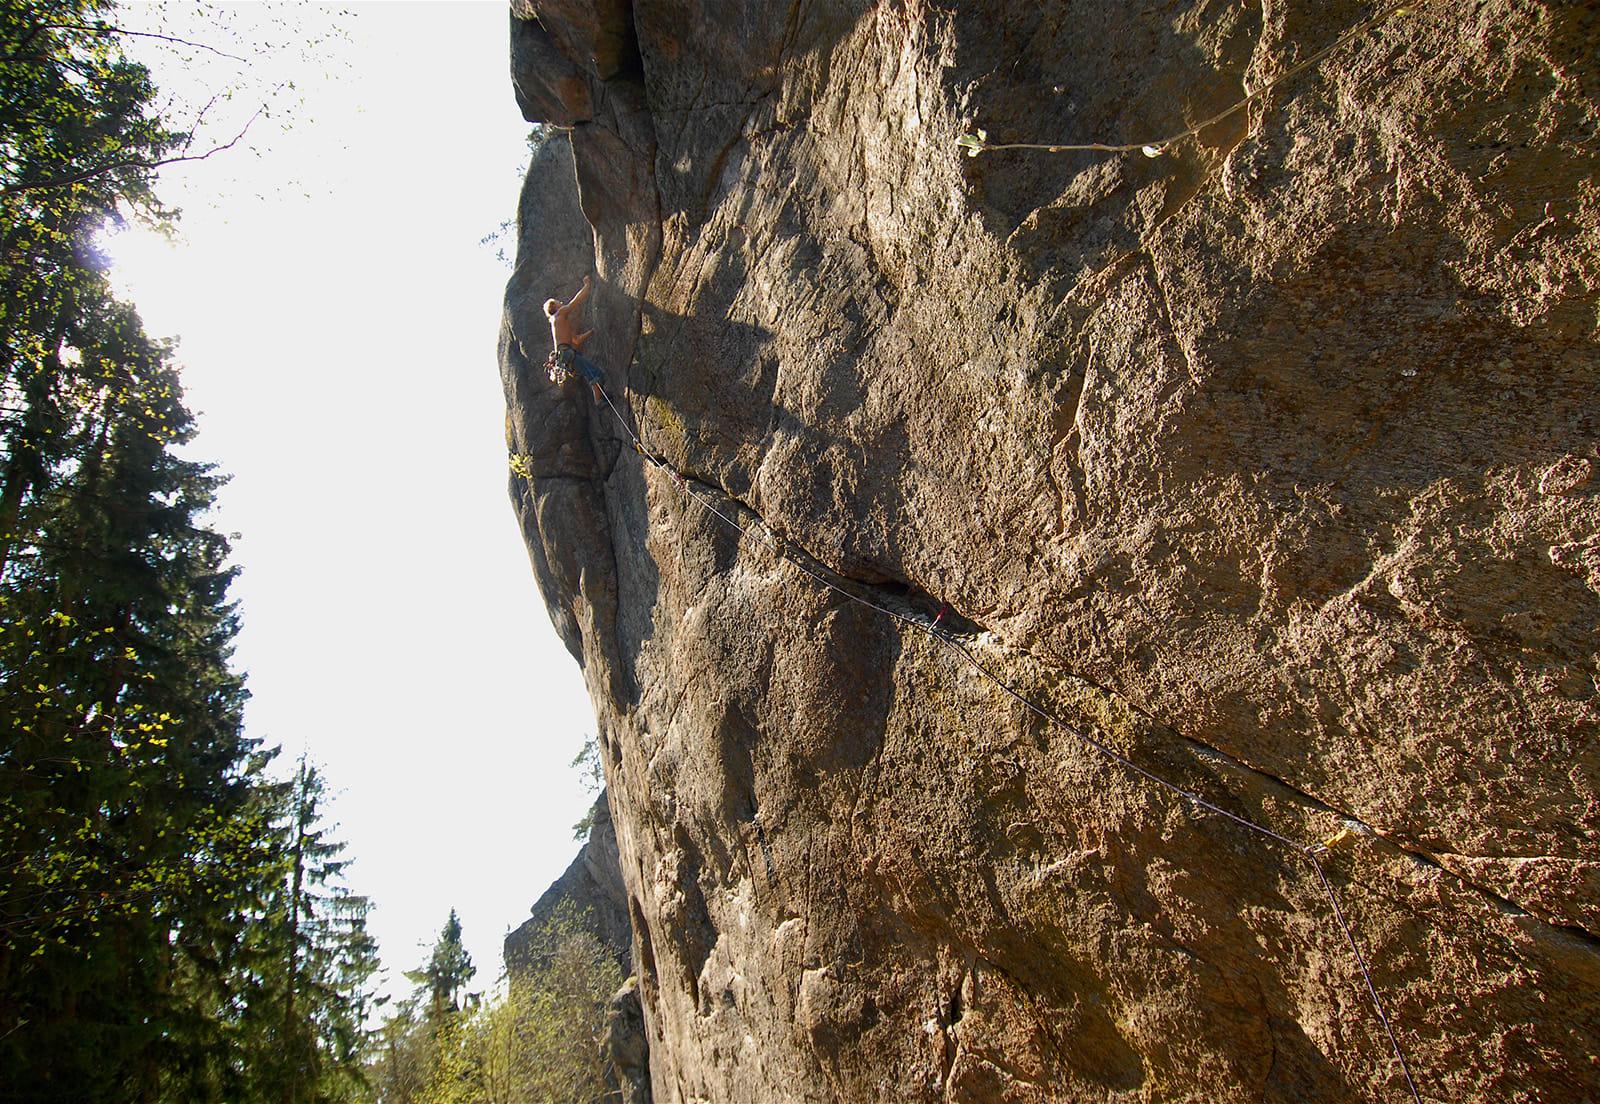 SKULPTURELL: Dette risset byr på teknisk interessant og pumpende klatring hele veien til topps. Klatrer: Leo Houlding. Foto: Dag Hagen